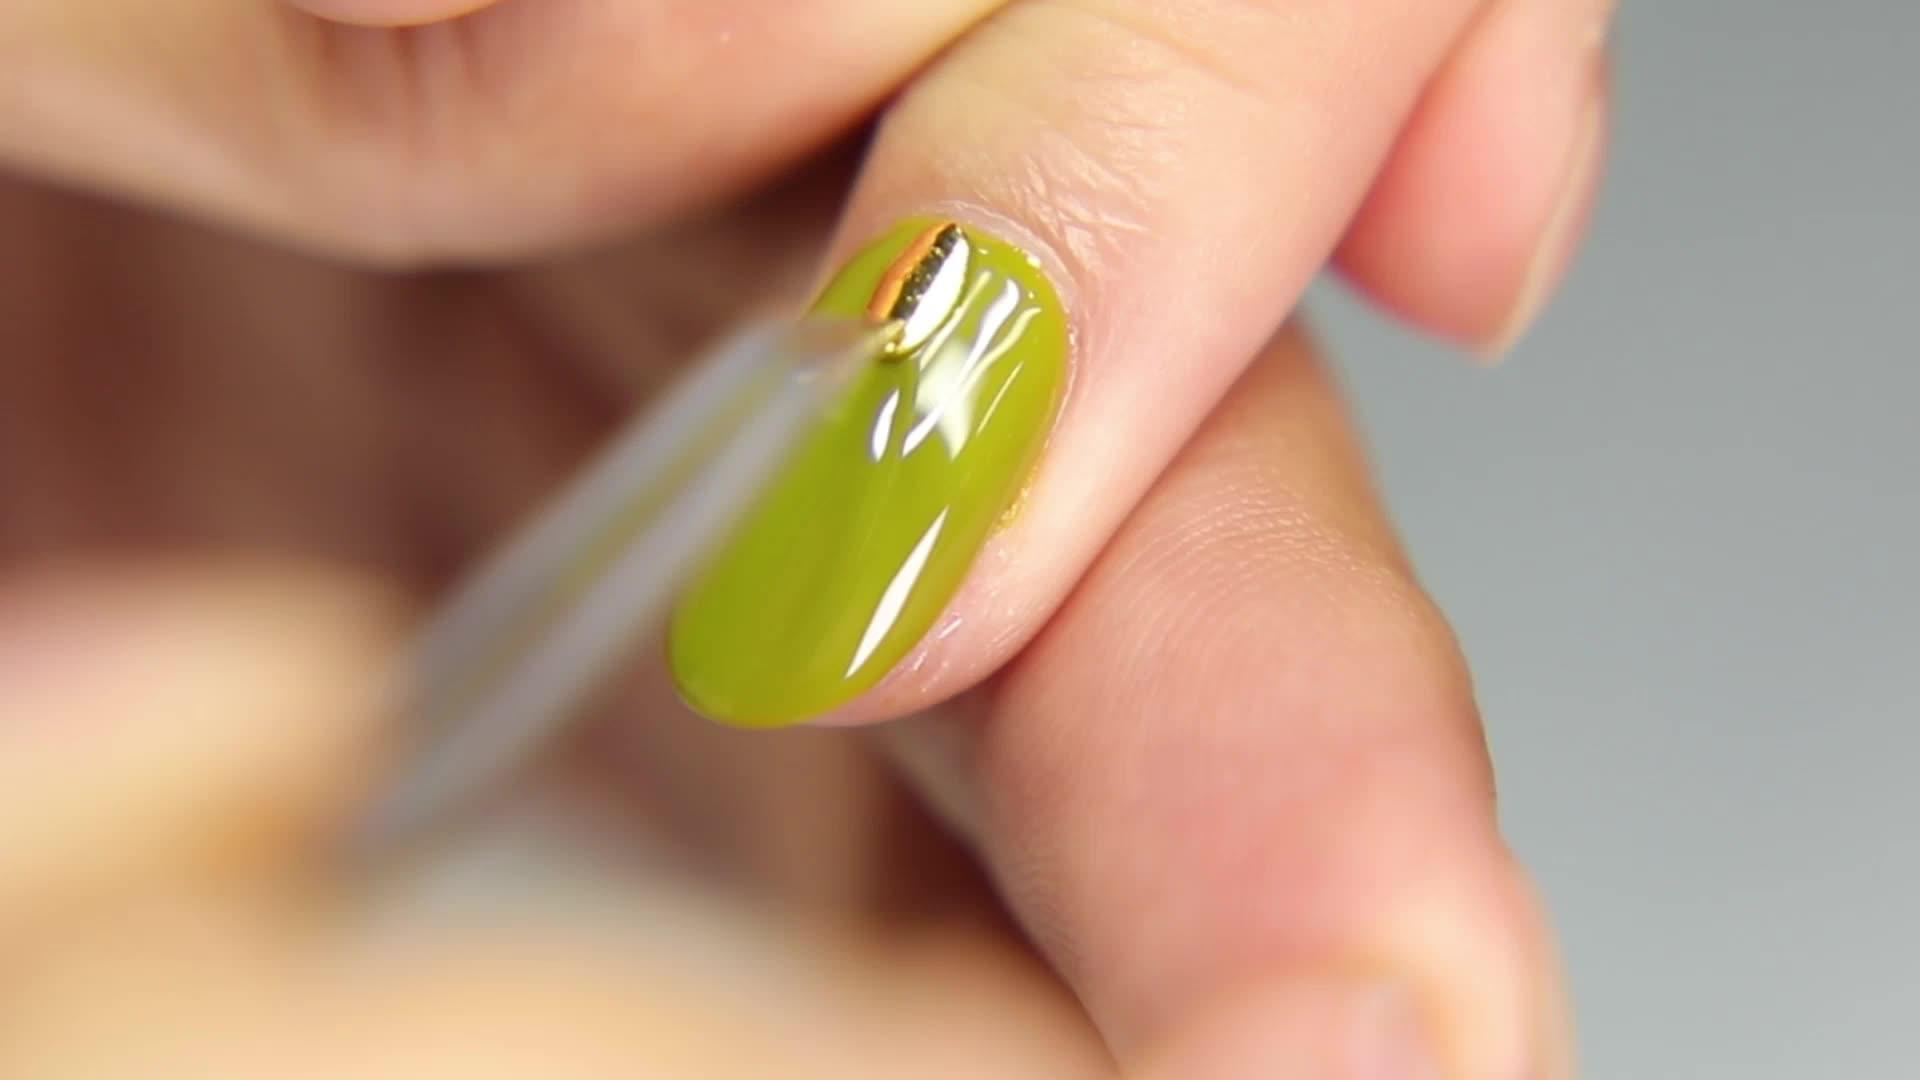 Diy Cristal Gel De Esmalte De Uñas De Alta Pegajoso Fijación Gel Uv Polaco Fabricación De Uñas Buy Gel De Uñas Adhesivoesmalte De Uñas De Gelgel